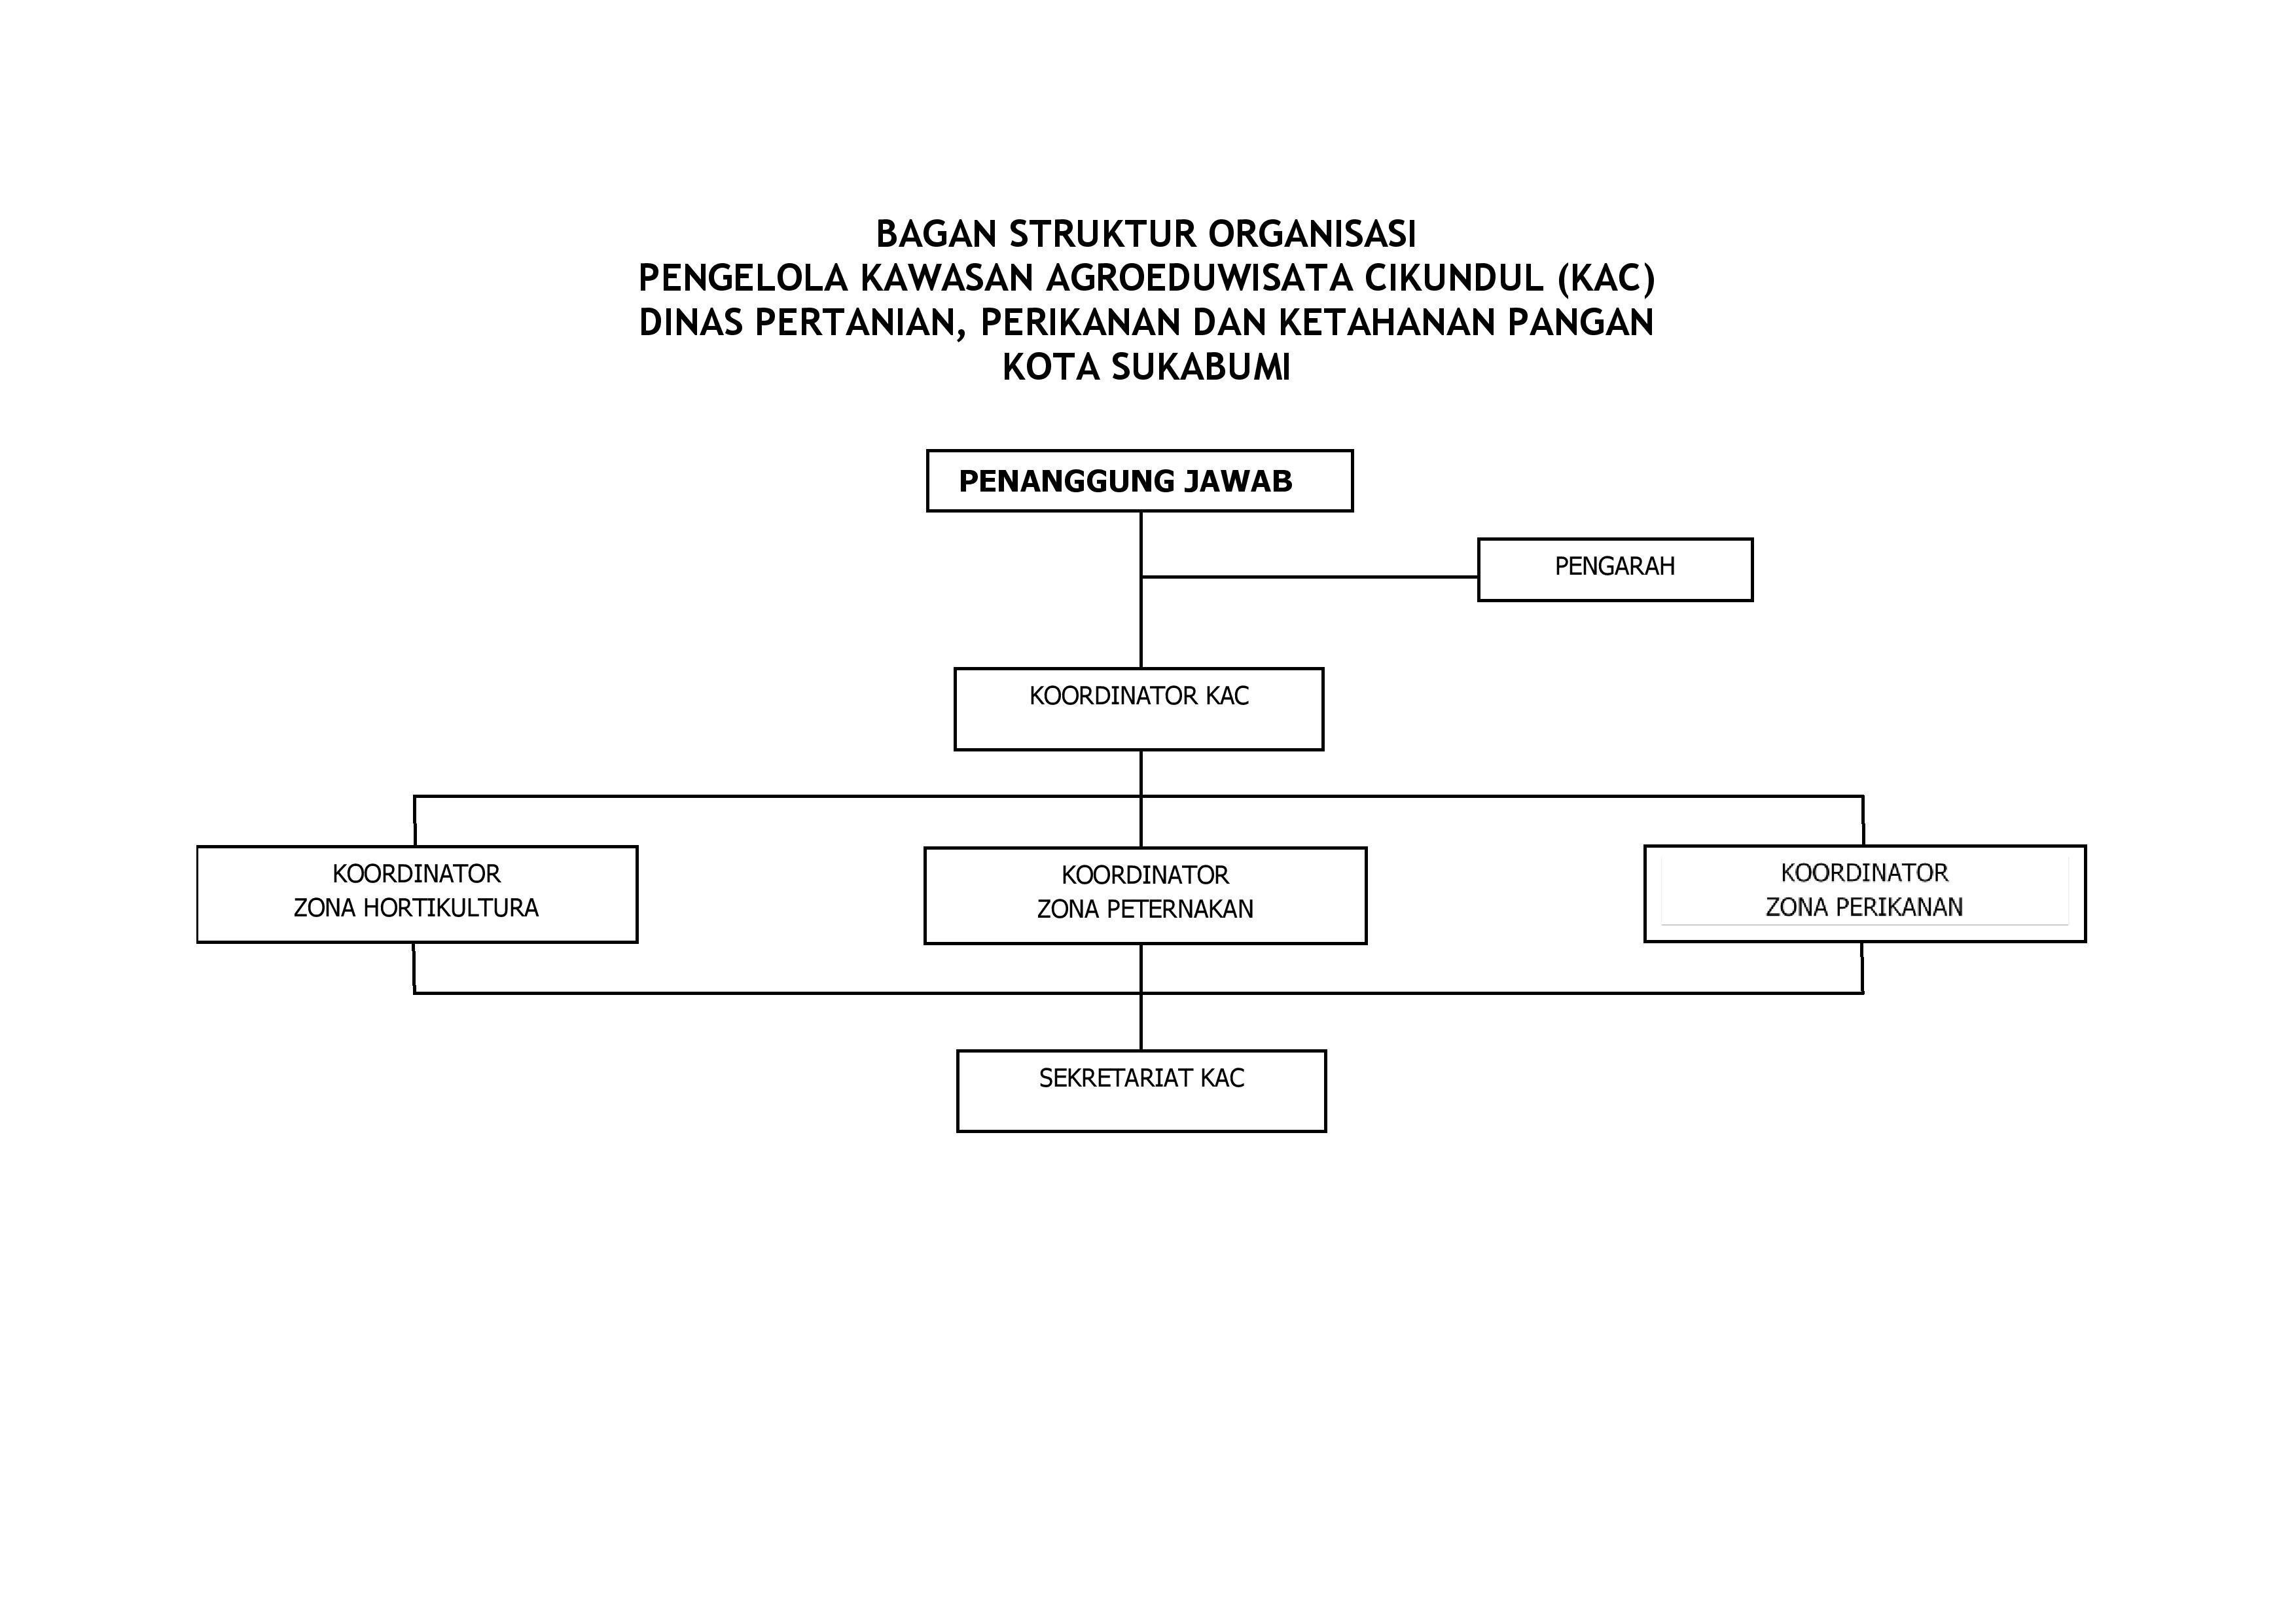 BAGAN STRUKTUR ORGANISASI KAC-page-001